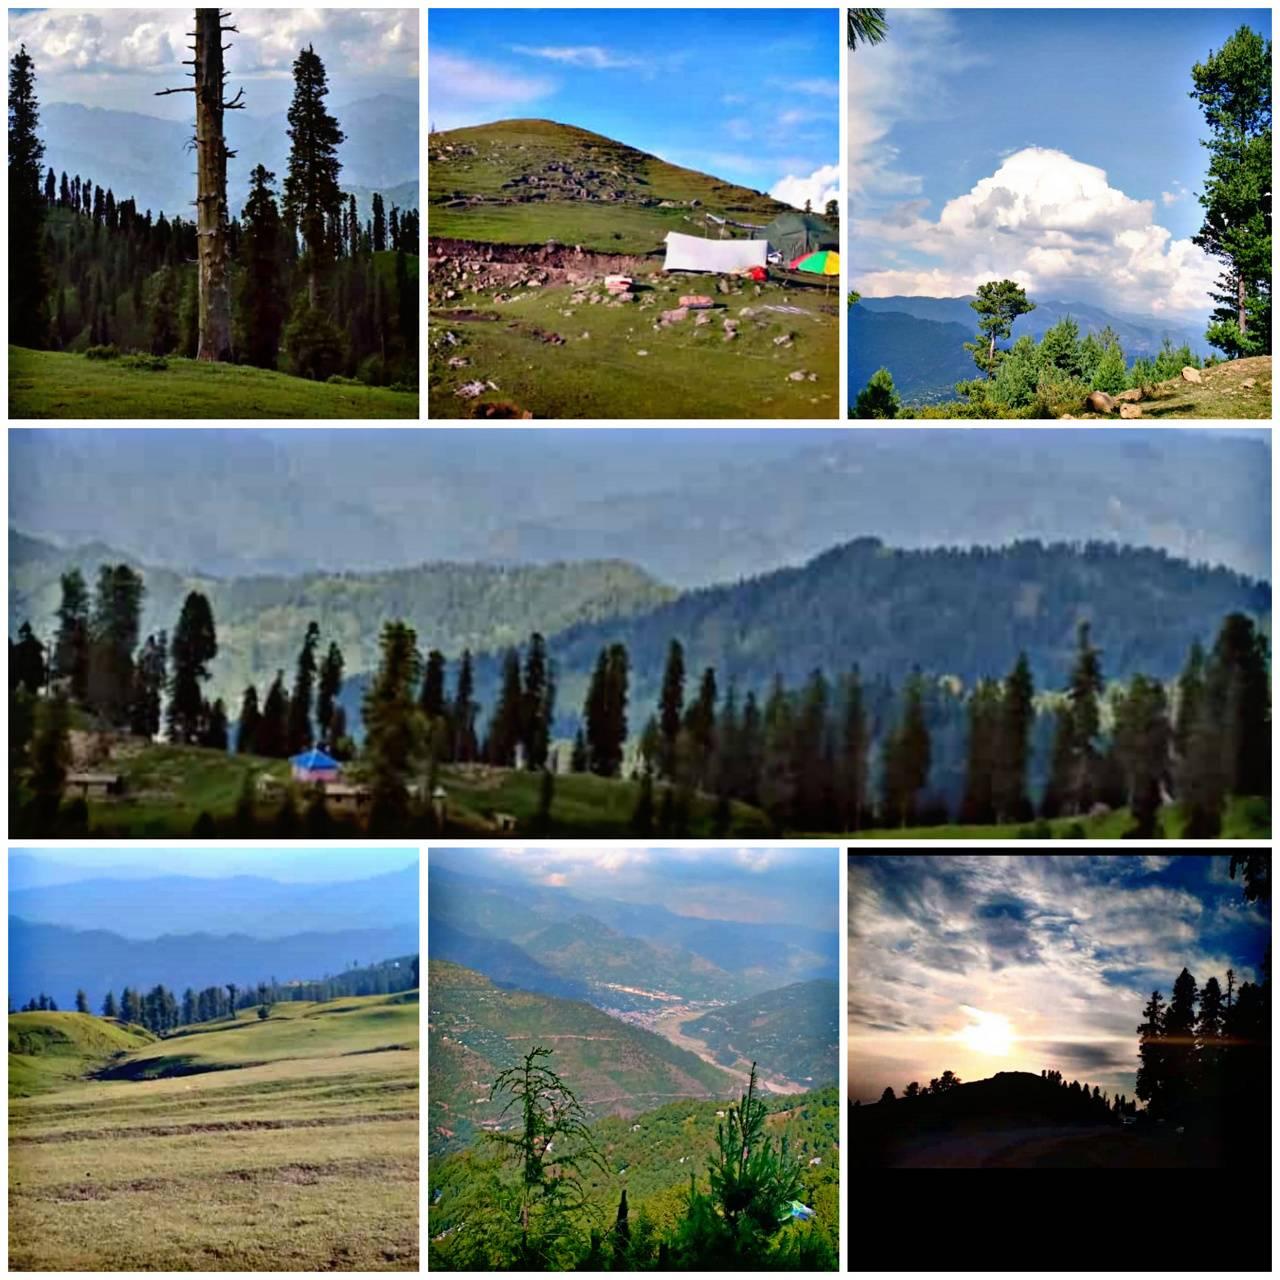 Kashmir view